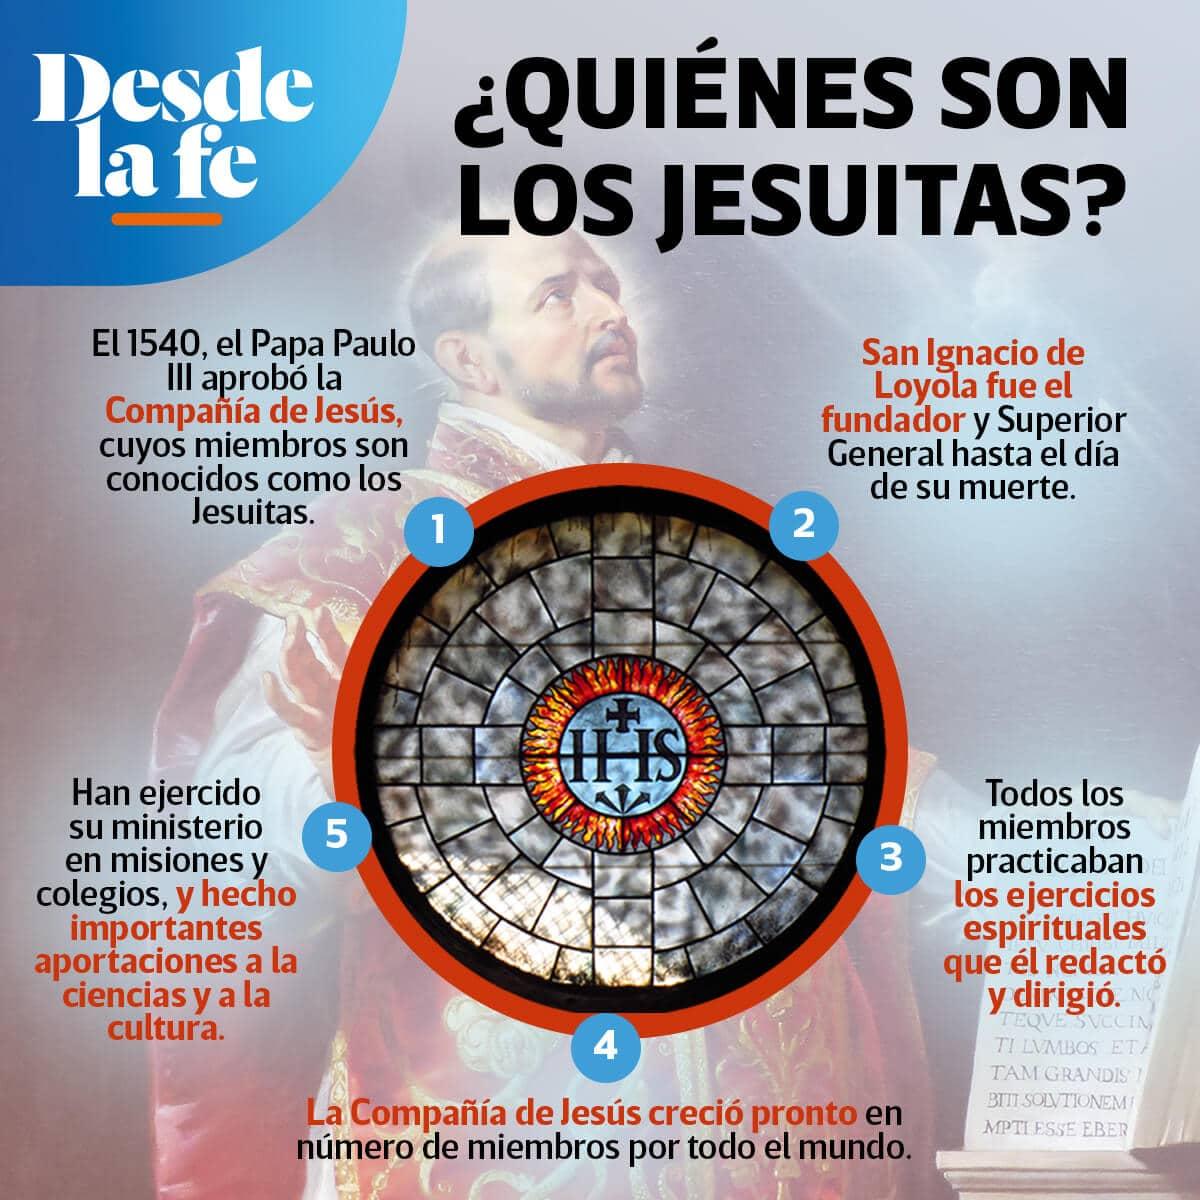 La Compañía de Jesús fue fundada por San Ignacio de Loyola.